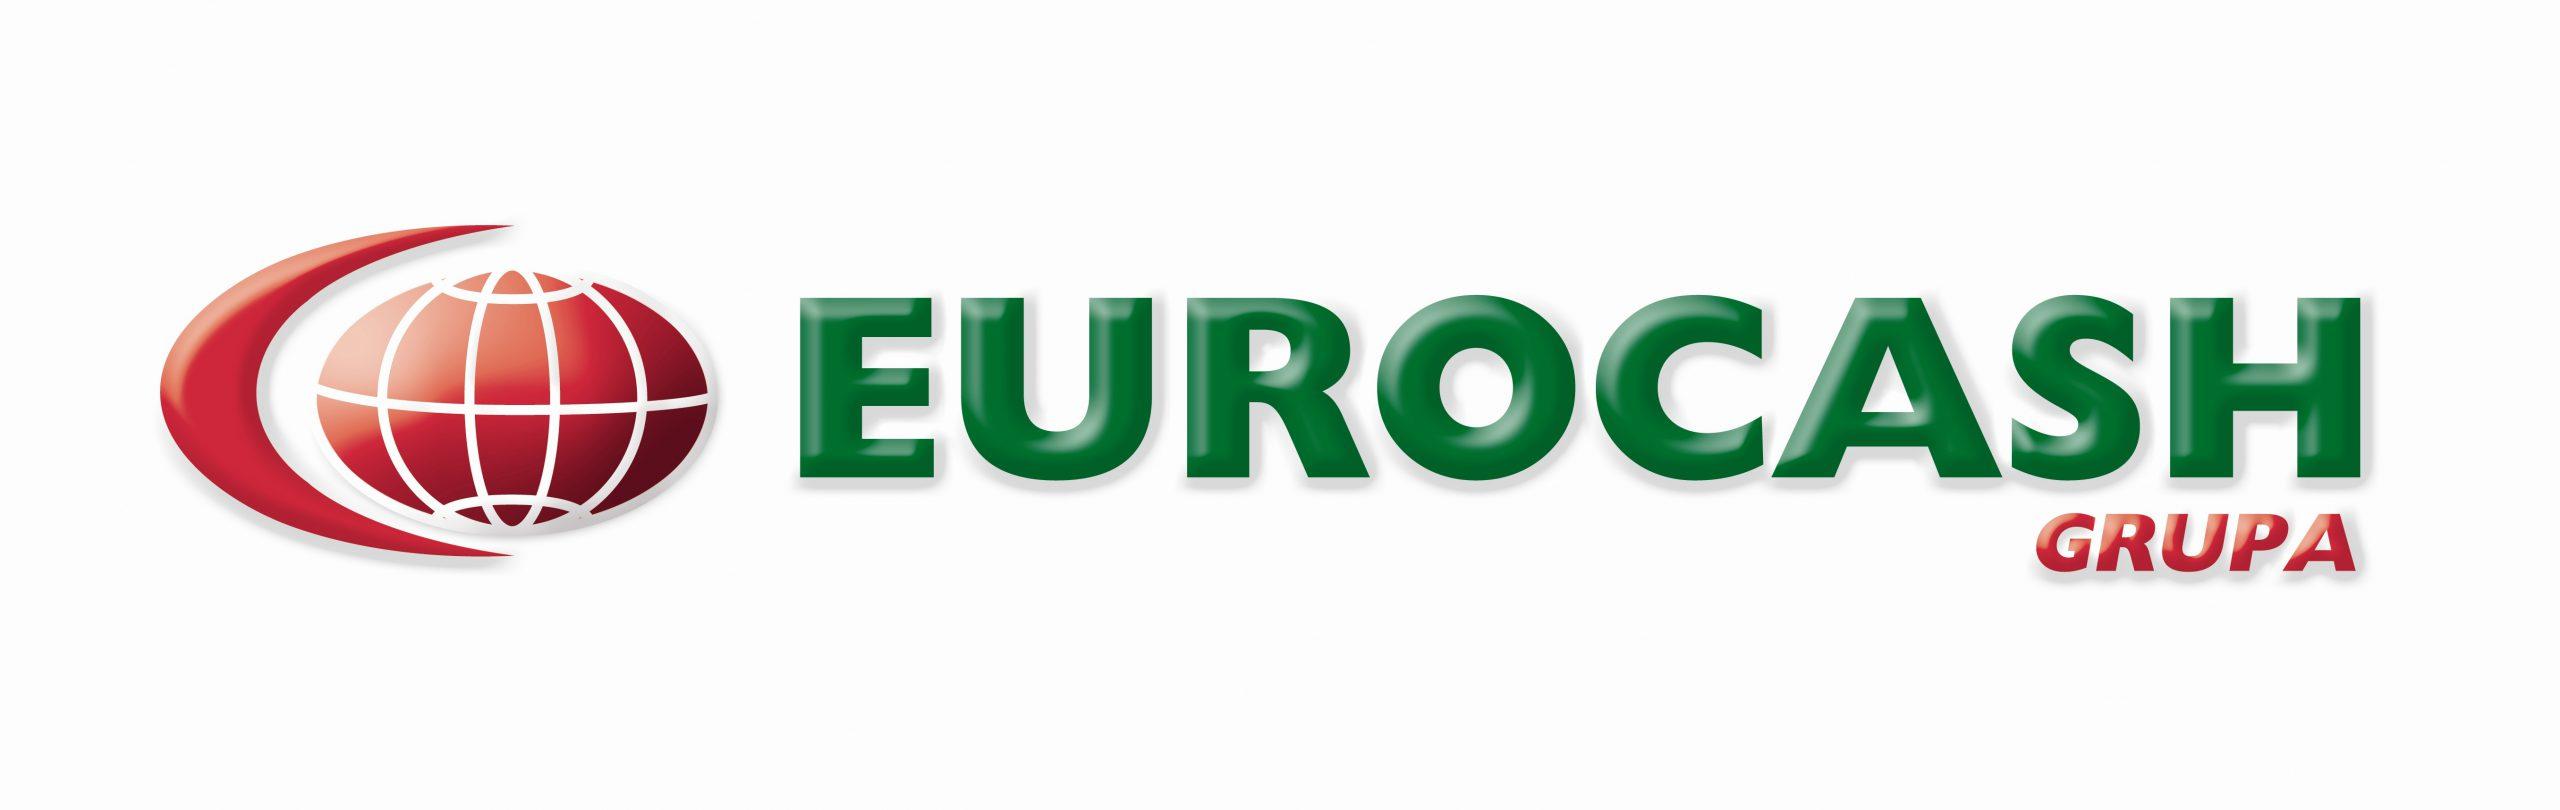 Grupa Eurocash publikuje wyniki za III kwartał 2016 r.